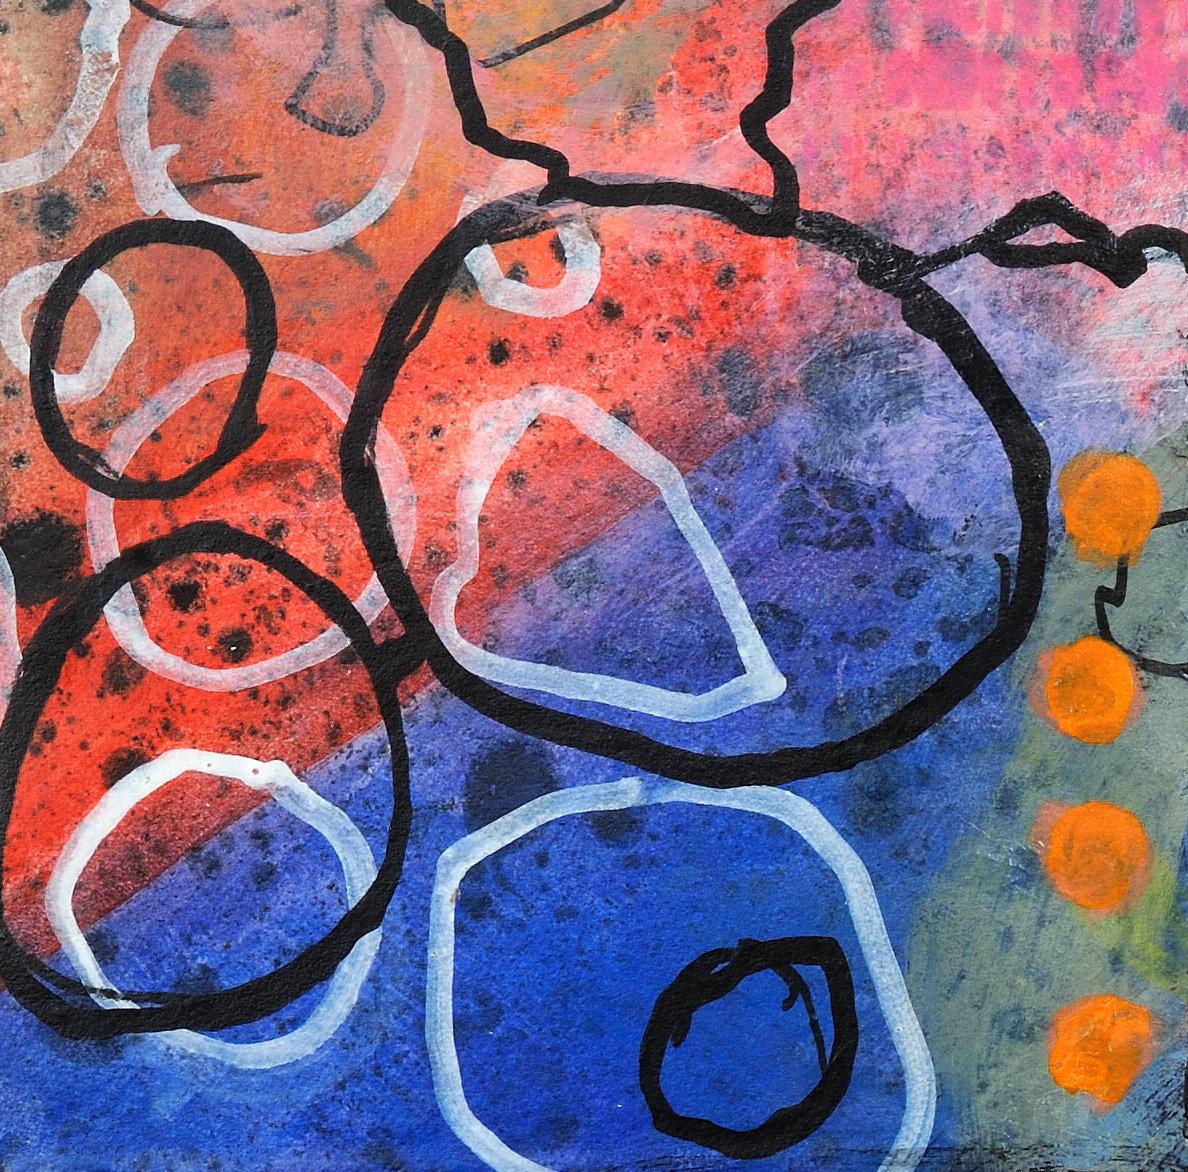 Art spots absrtract 2_1 of 4.jpg